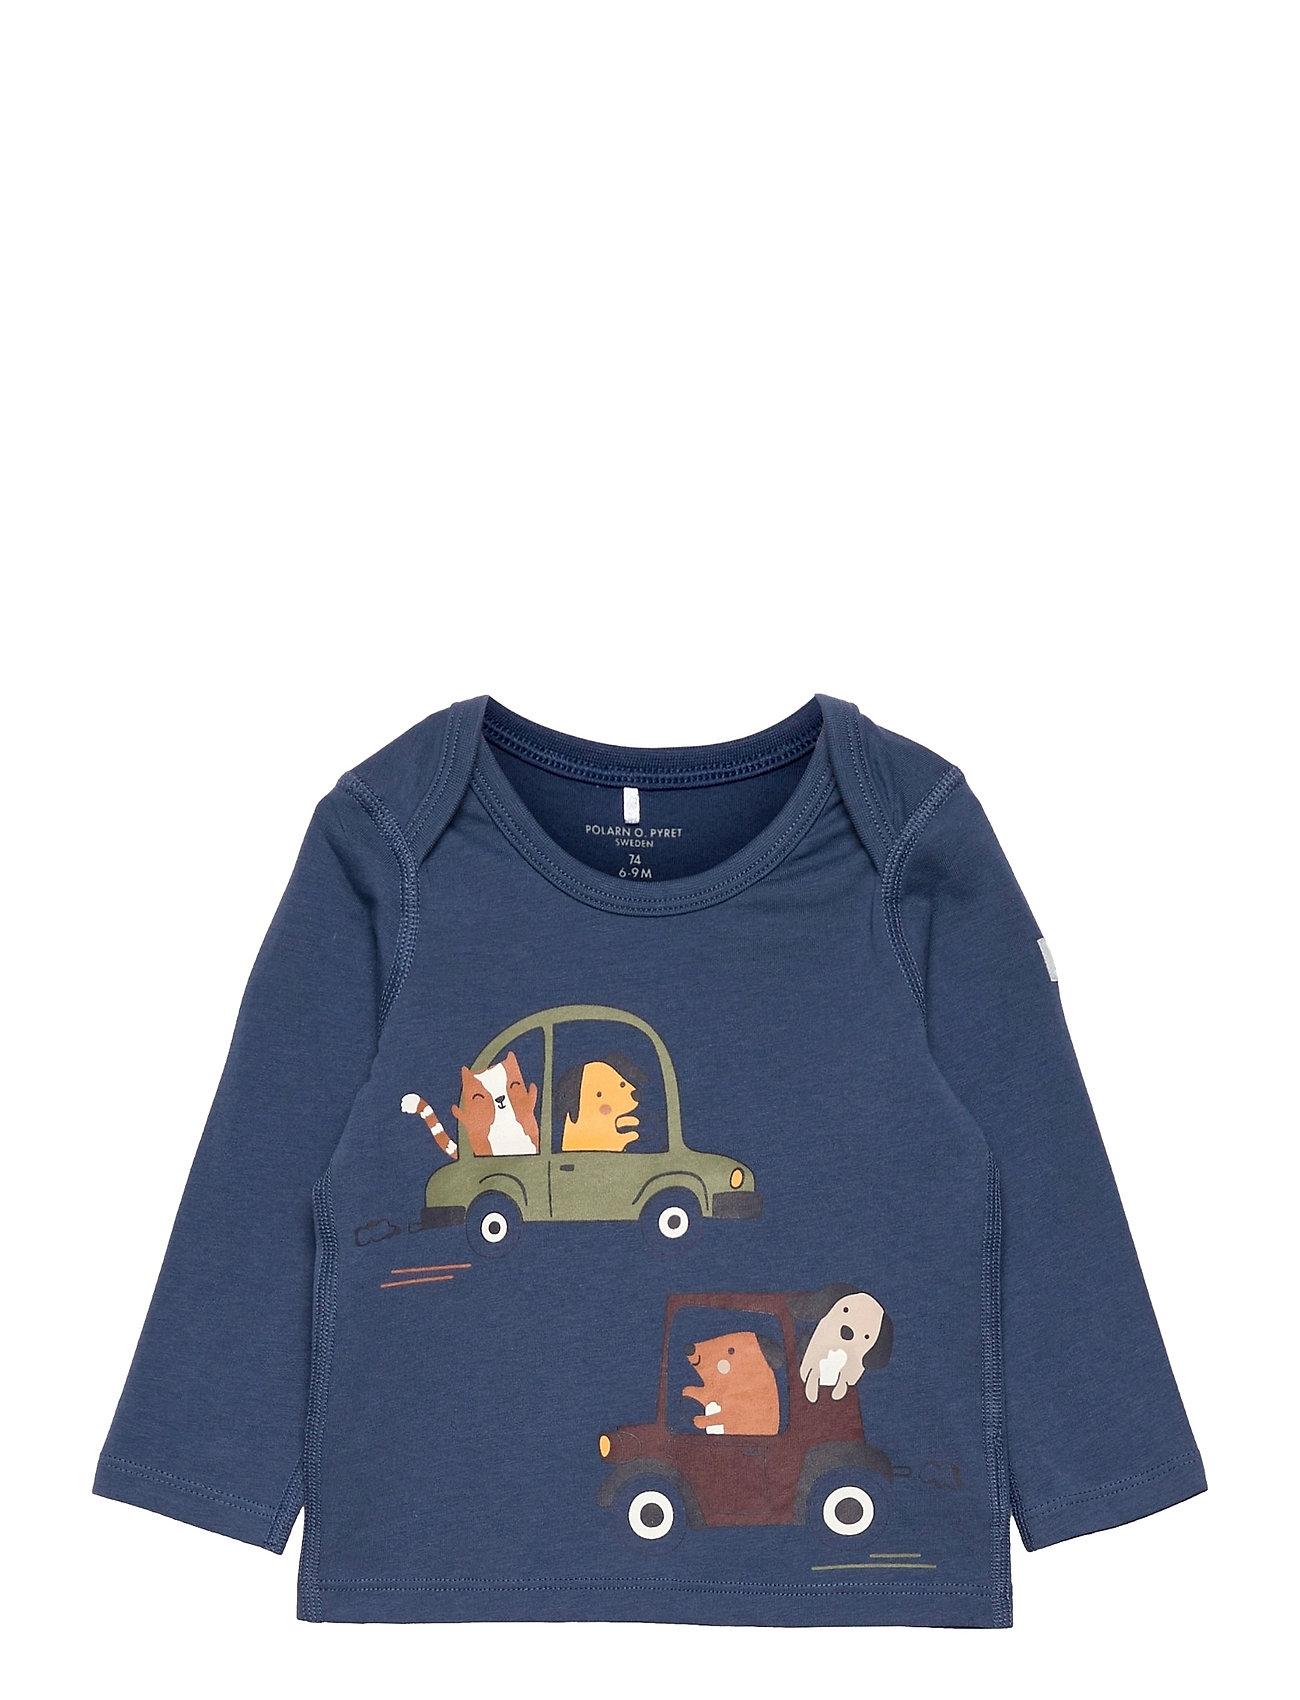 Top L/S Printed Baby Langærmet T-shirt Blå Polarn O. Pyret